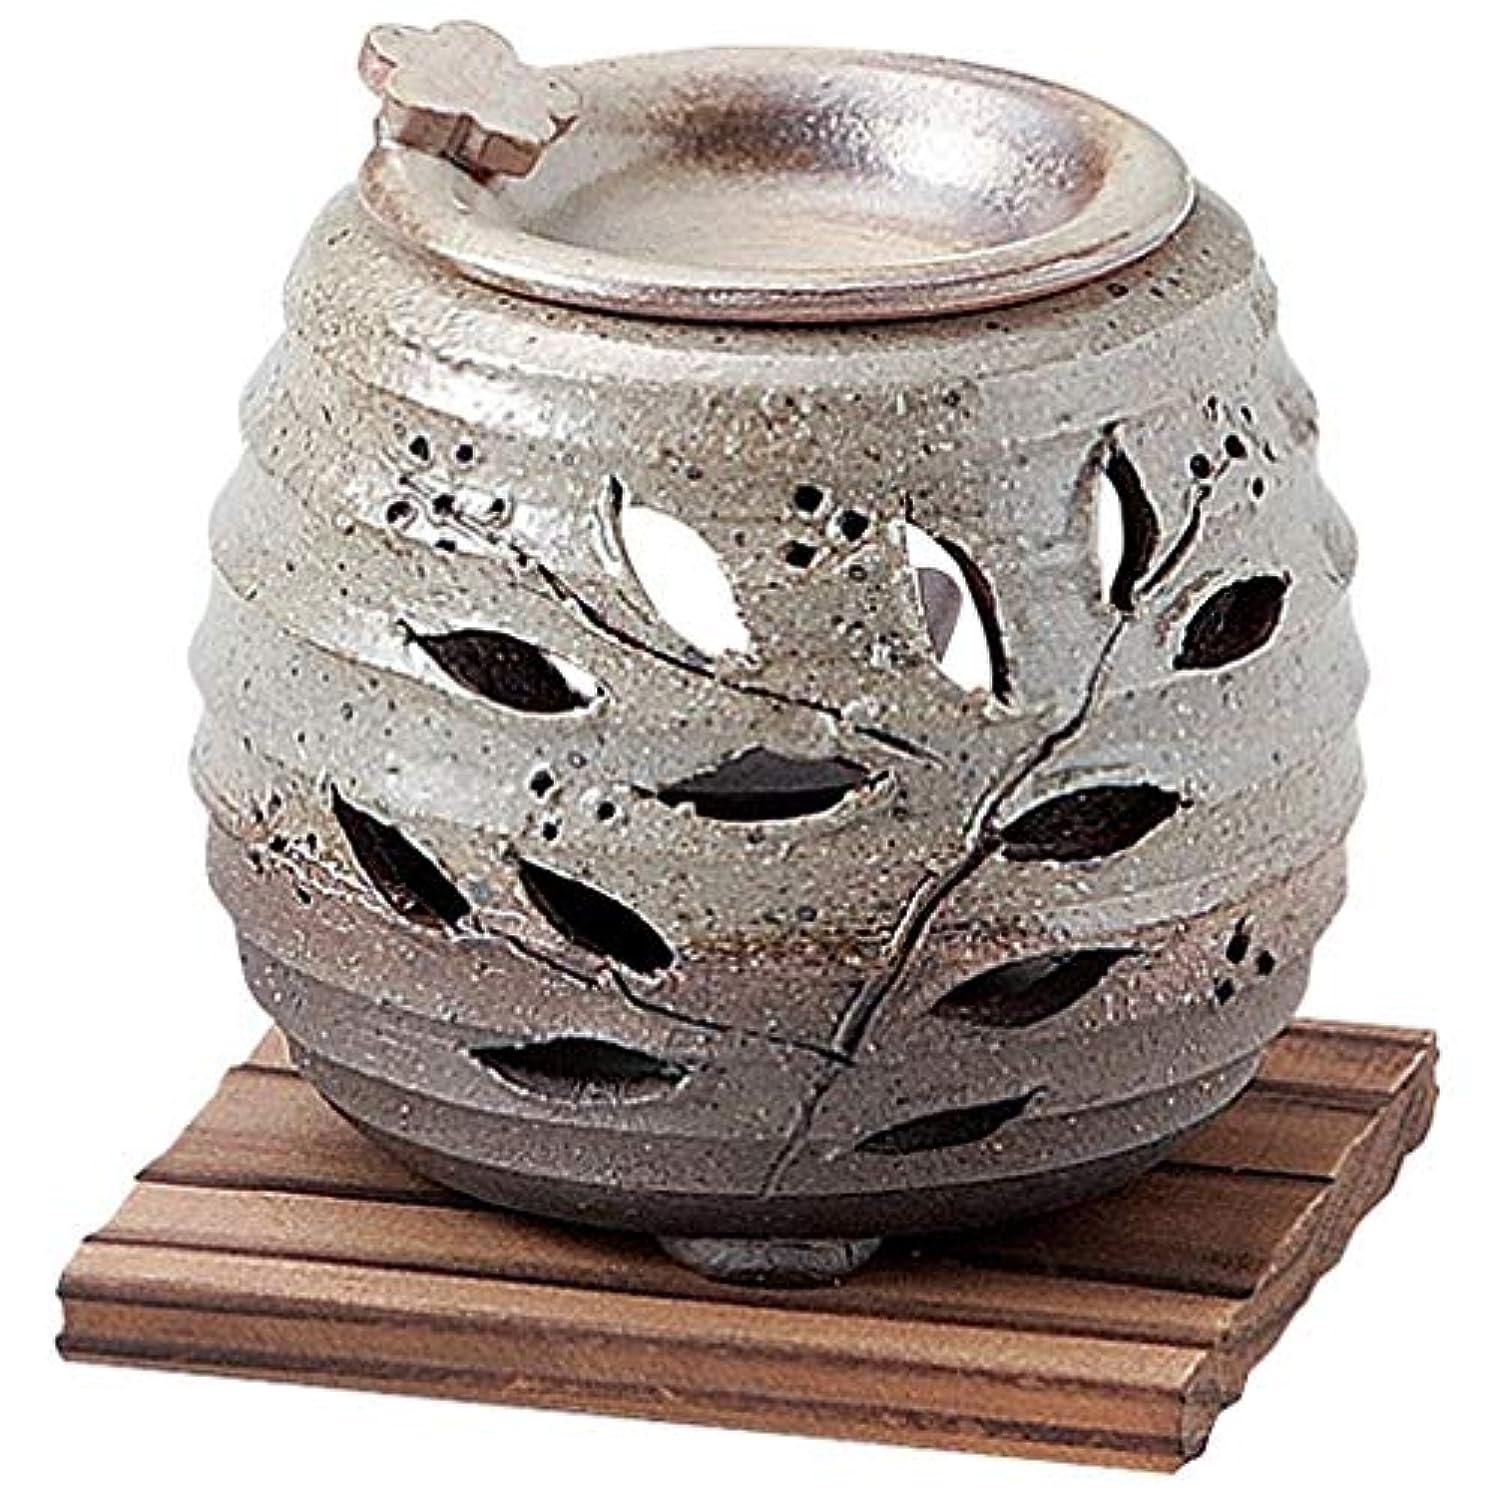 求人漂流追い払うお部屋の消臭に!■常滑焼【茶香炉】石龍作 緑灰釉花茶香炉(板付)